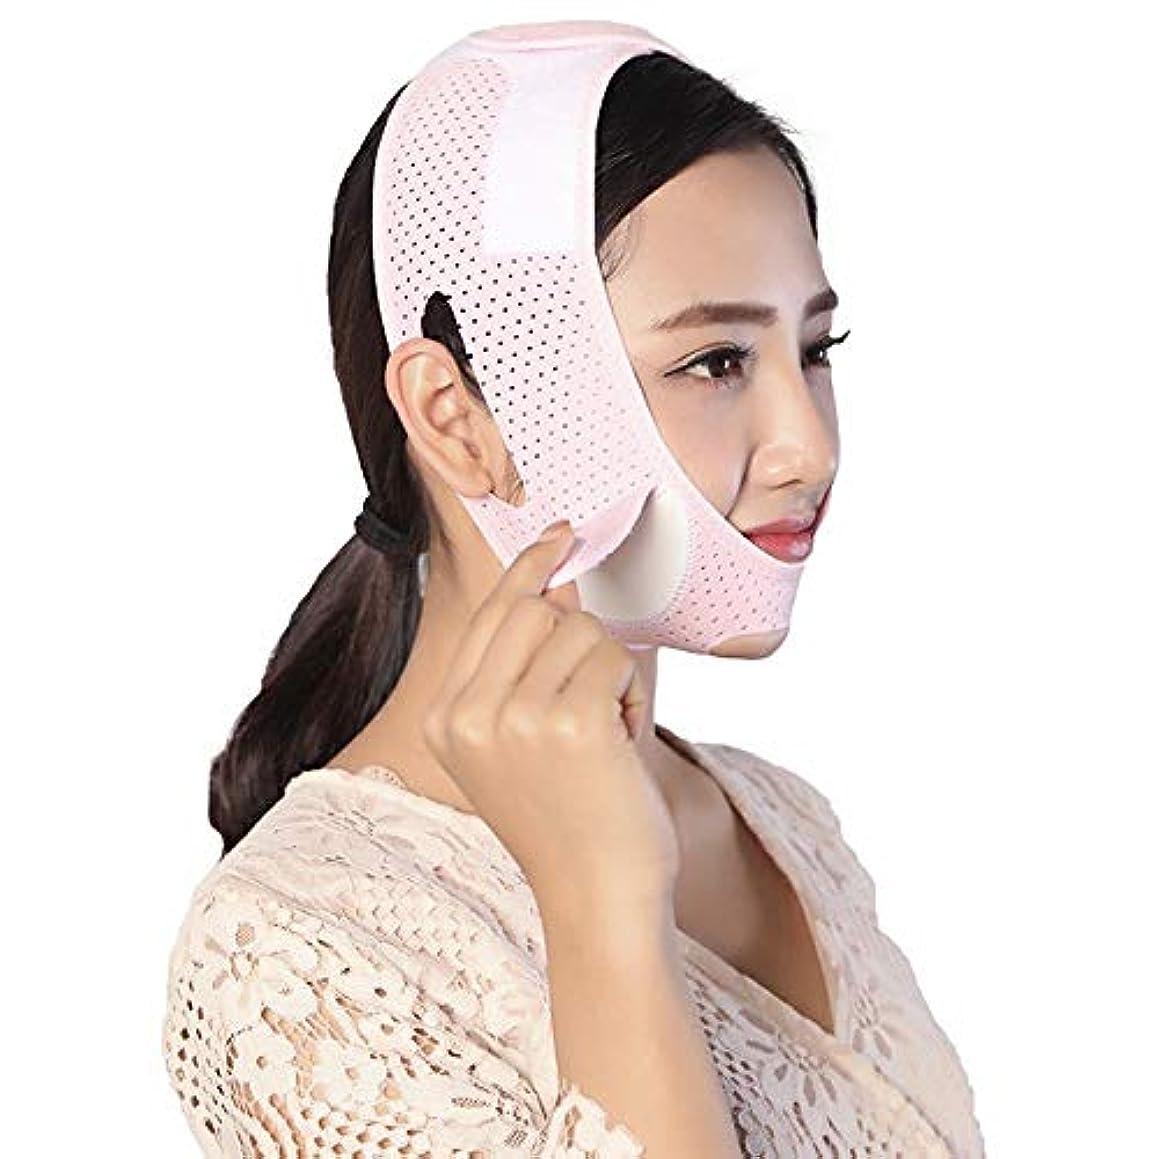 ニッケルチューインガム告白するMinmin フェイシャルリフティング痩身ベルト - 圧縮二重あご減量ベルトスキンケア薄い顔包帯 みんみんVラインフェイスマスク